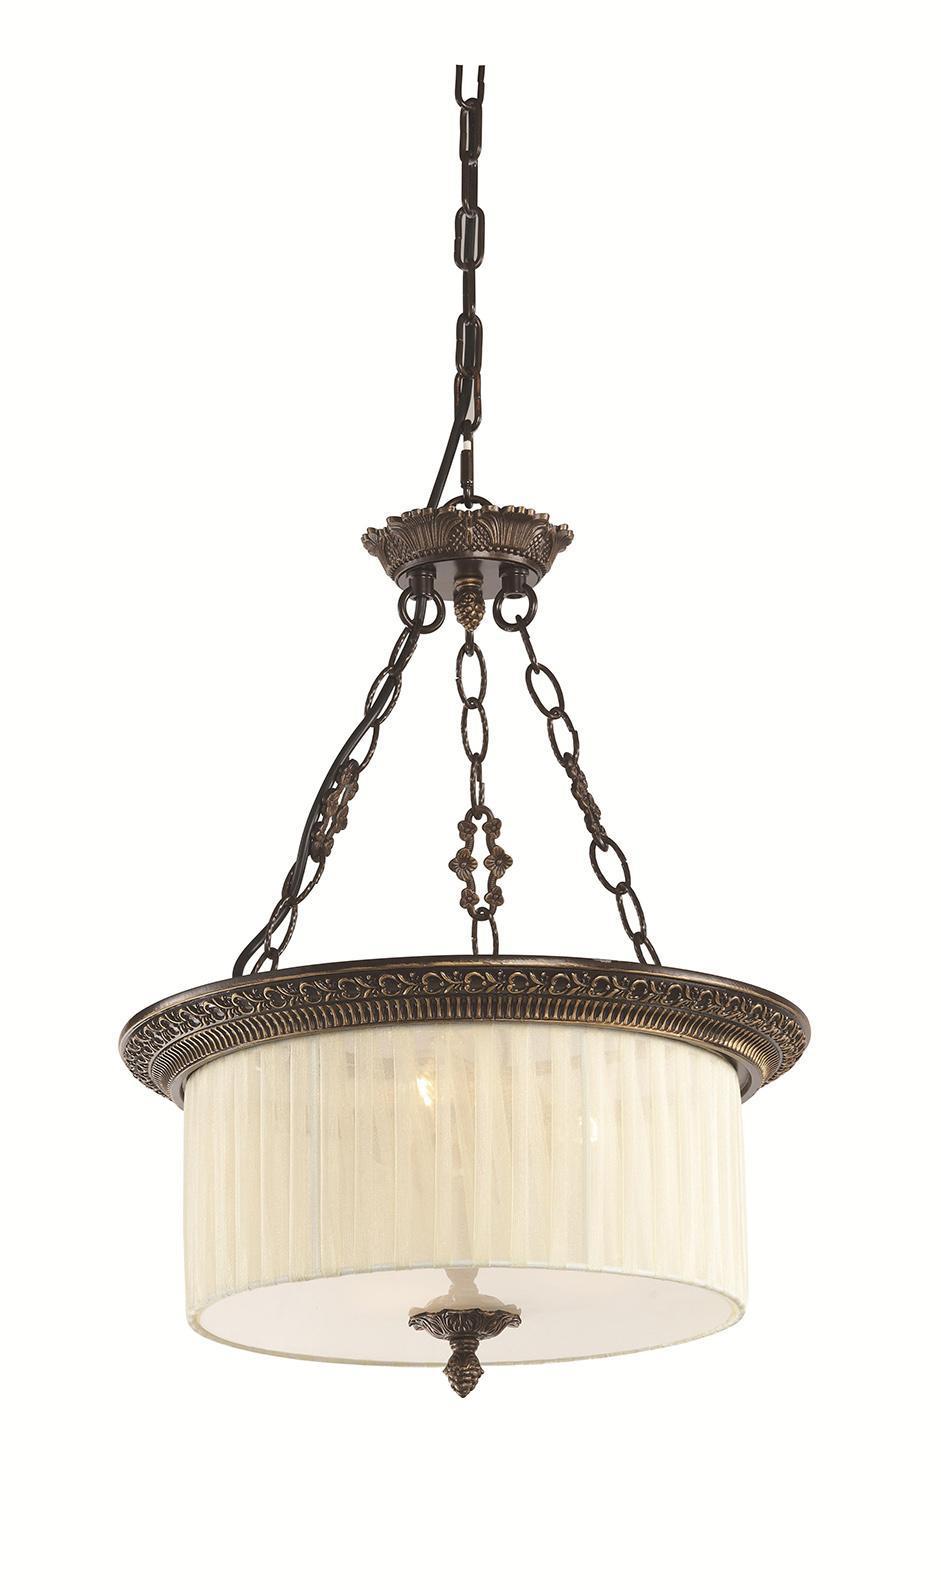 Подвесной светильник ST-Luce. SL134.403.03SL134.403.03Светильник SL134.403.03 - это красивый и оригинальный светильник, который поможет создать в доме неповторимую атмосферу тепла и комфорта. Данная модель изготовлена из высококачественных материалов, благодаря чему светильник прослужит длительный срок, а его элегантная форма подойдет для любого интерьера.